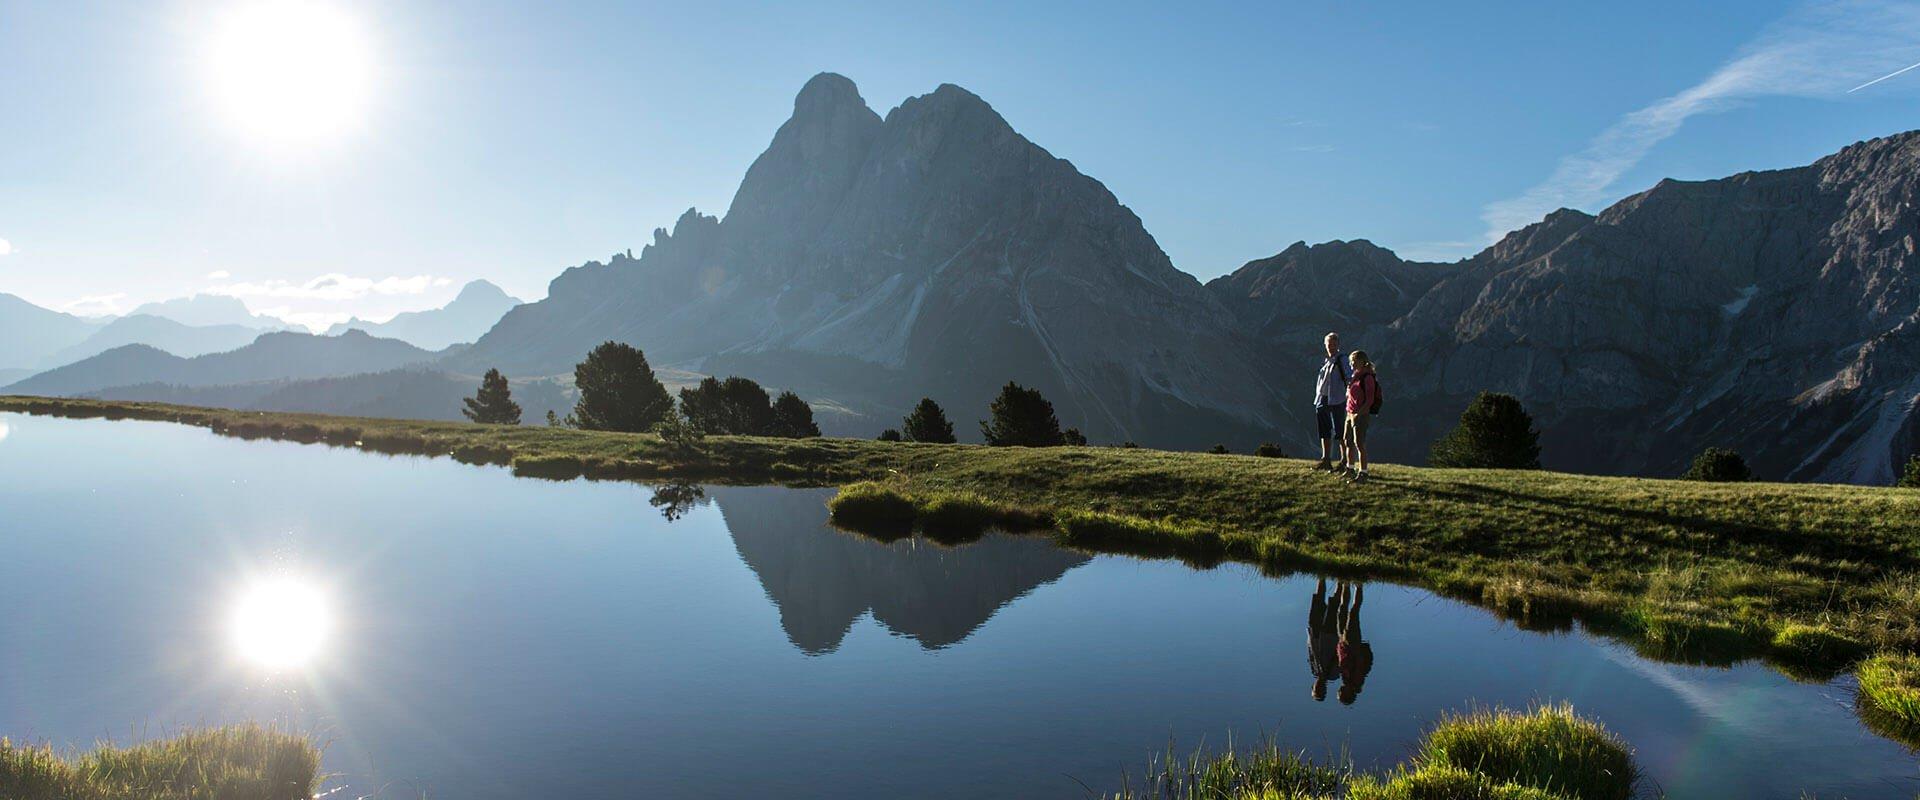 Wanderparadies Plose – Bergerlebnisse vor alpiner Kulisse